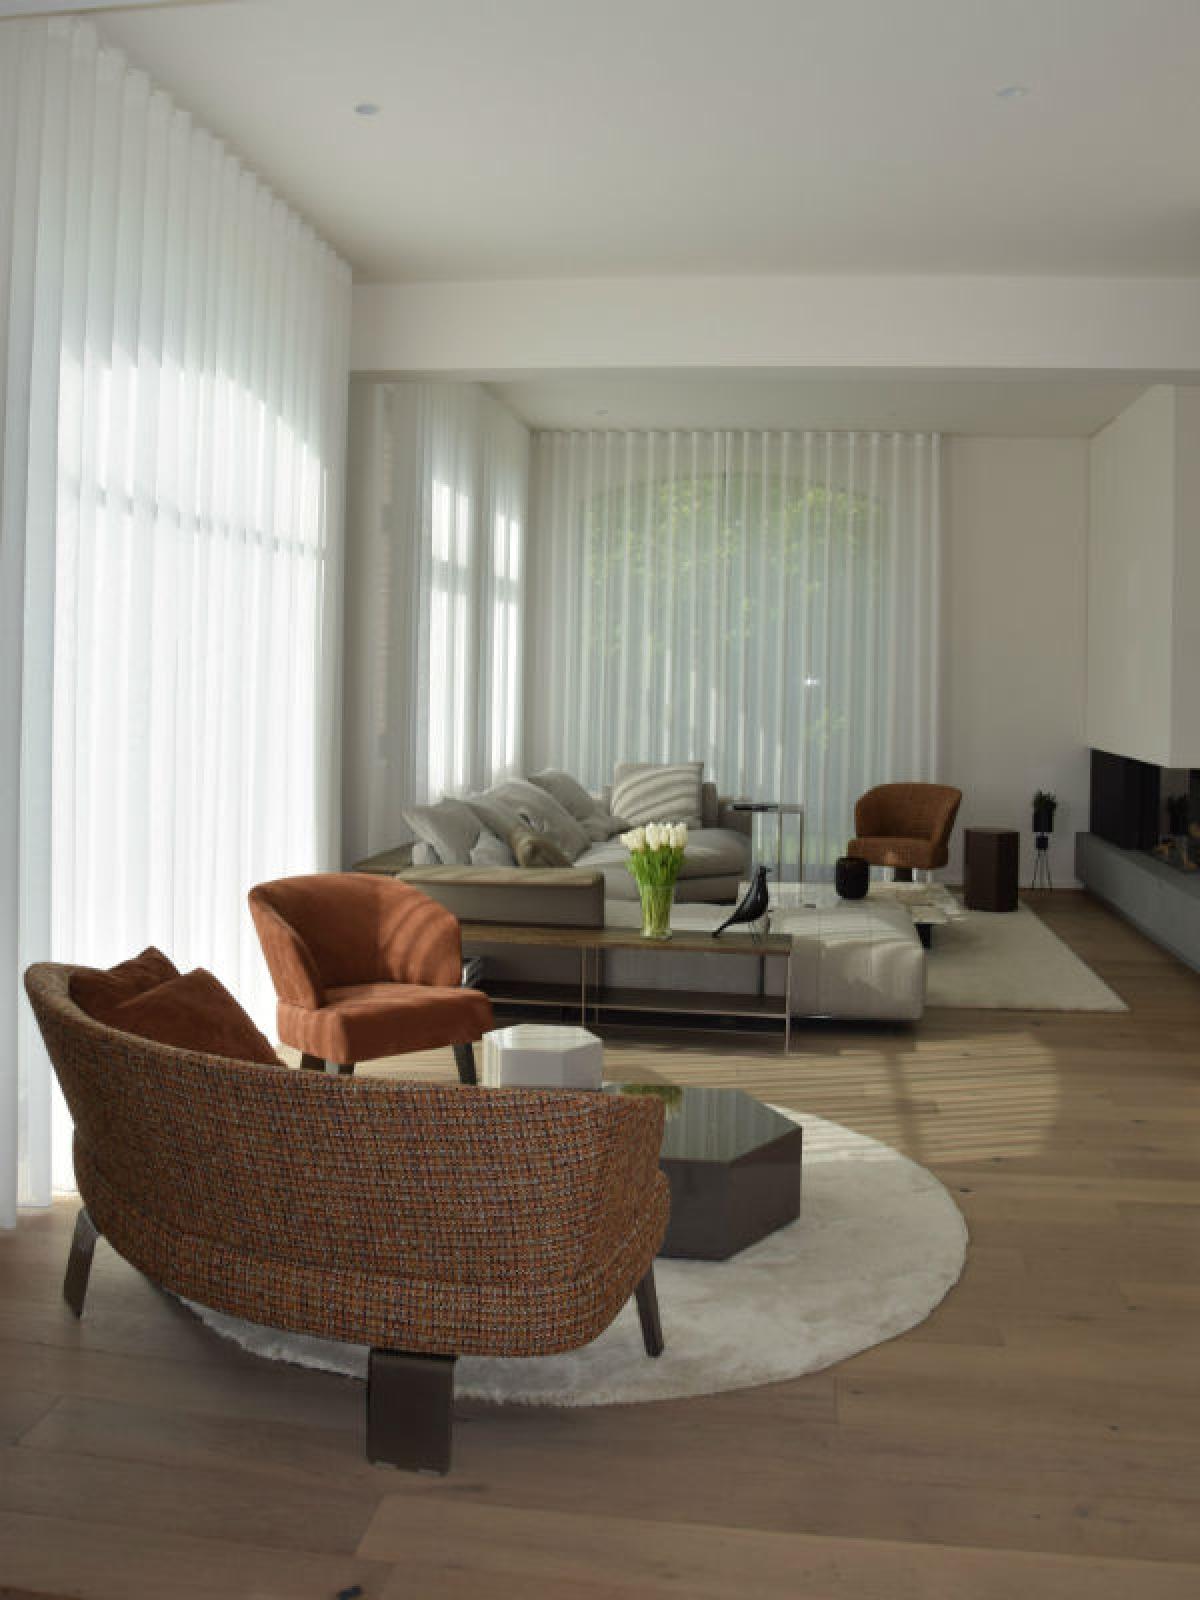 ben je op zoek naar stijlvolle raamdecoratie dan heb je vast al gedacht aan klassieke